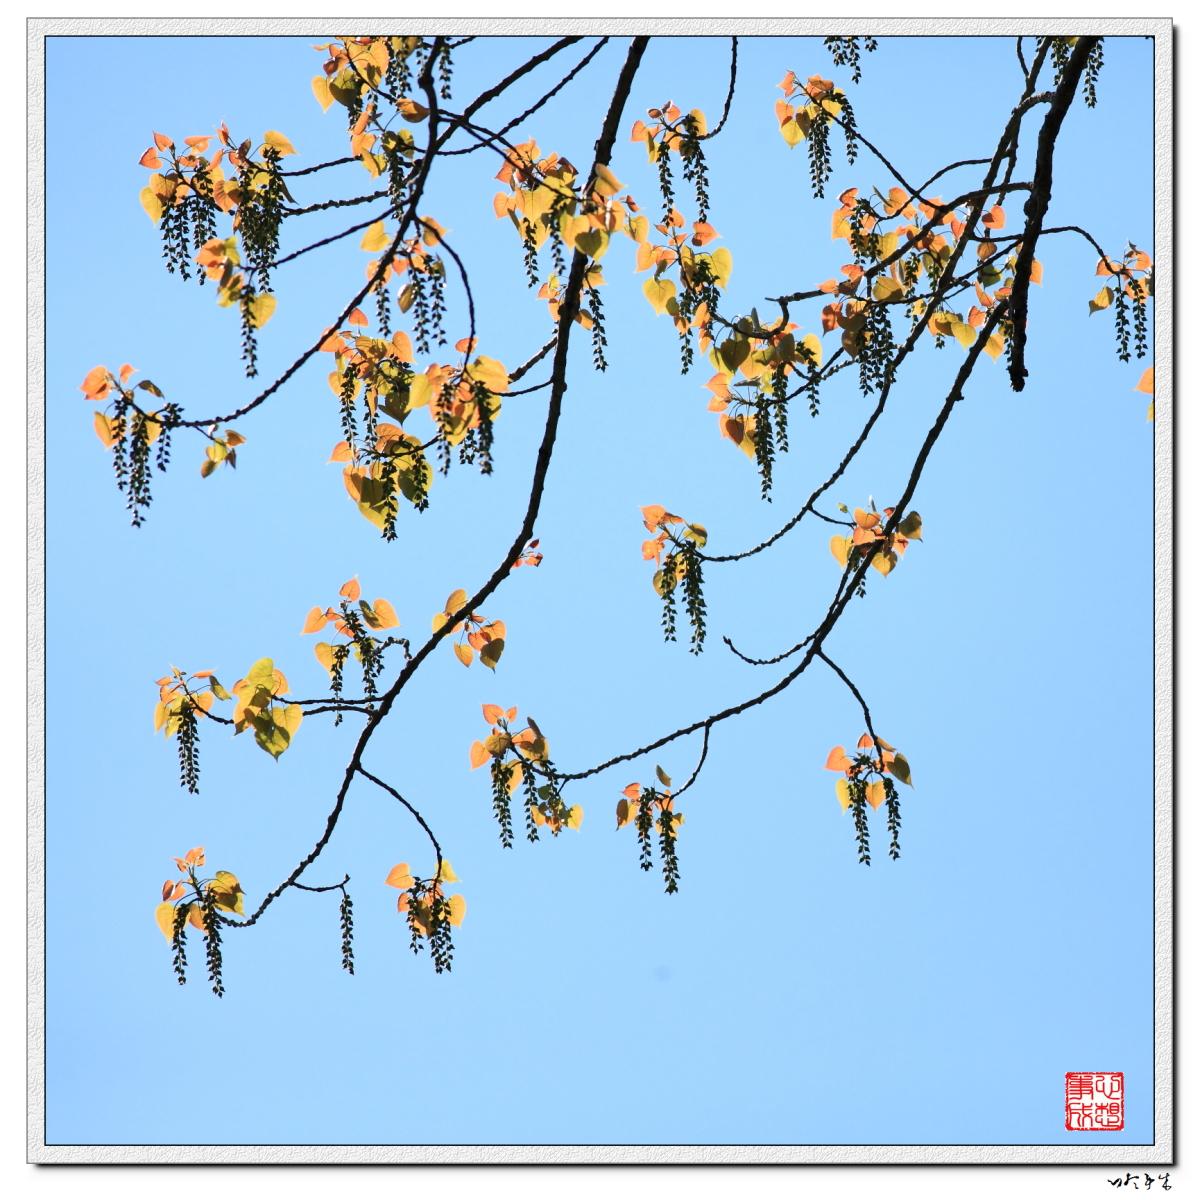 【心想事成】走进春天,感受春意_图1-6